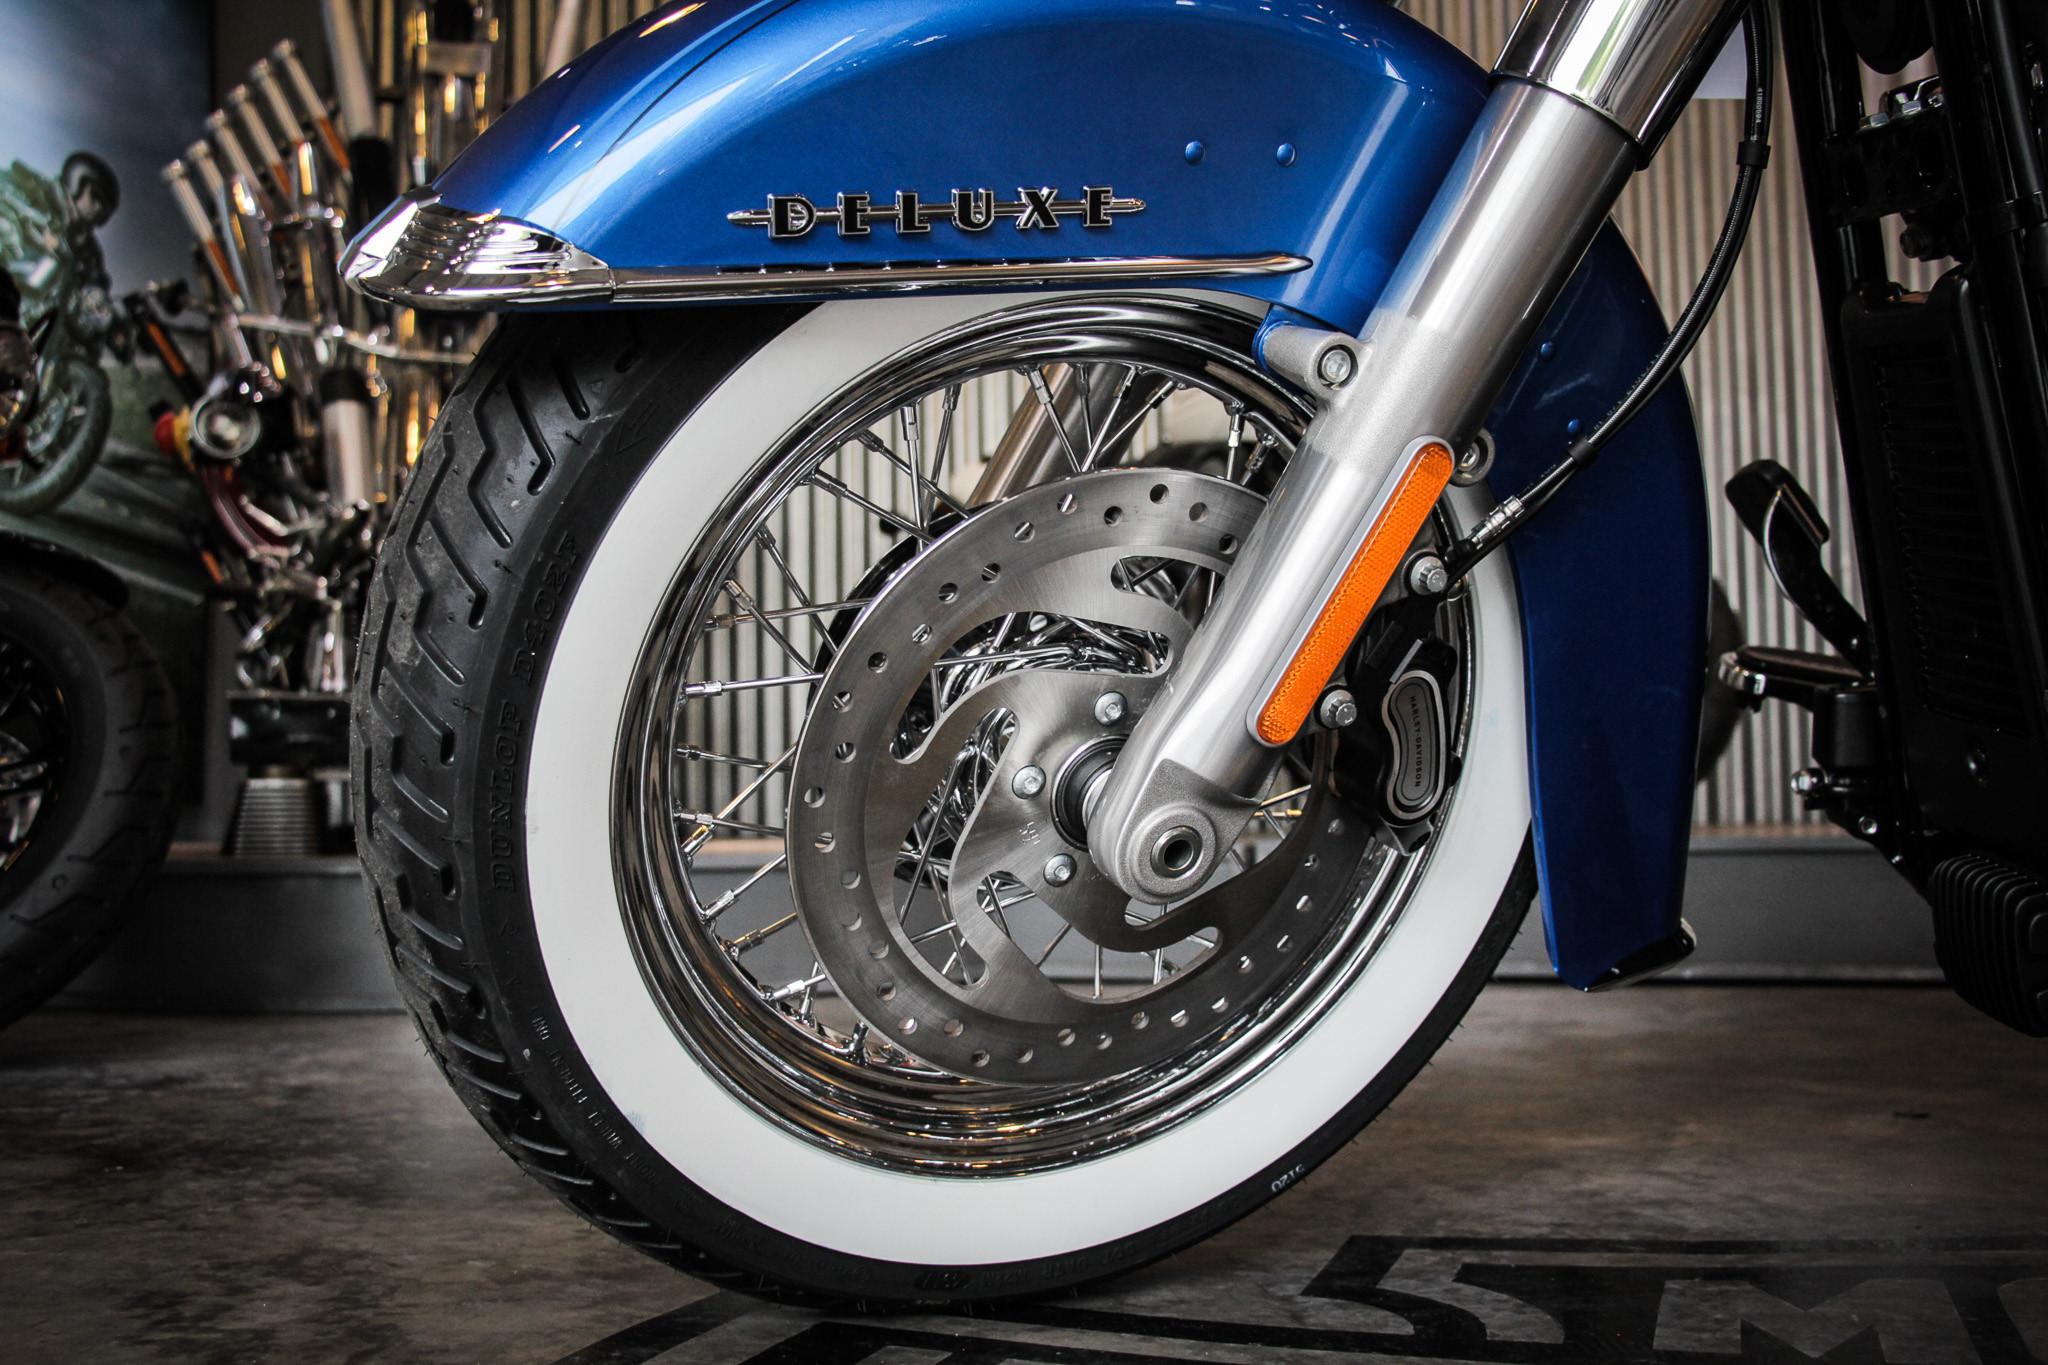 Thị trường xe - Harley-Davidson Softail Deluxe 2018 độc nhất Việt Nam ngang giá Camry có gì? (Hình 8).